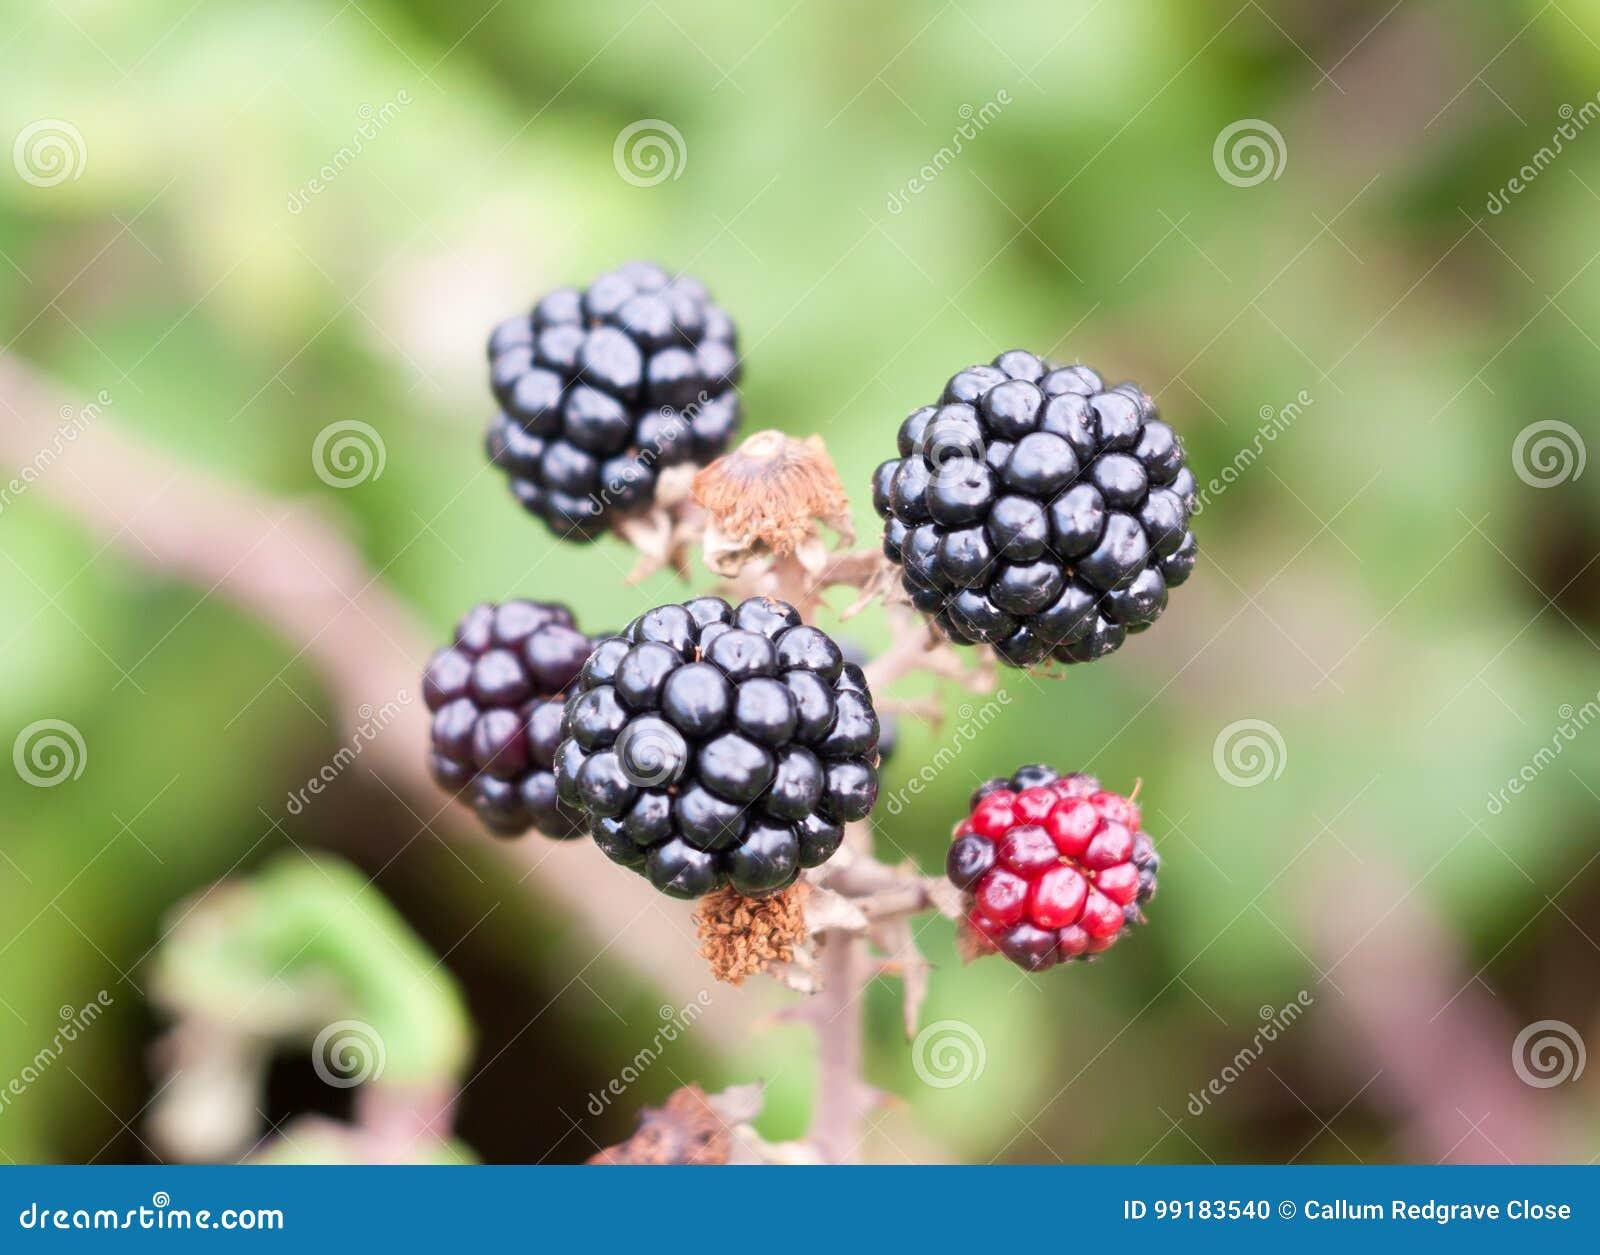 Close Up Of Bramble Fruit Blackberries Rubus Fruticosus